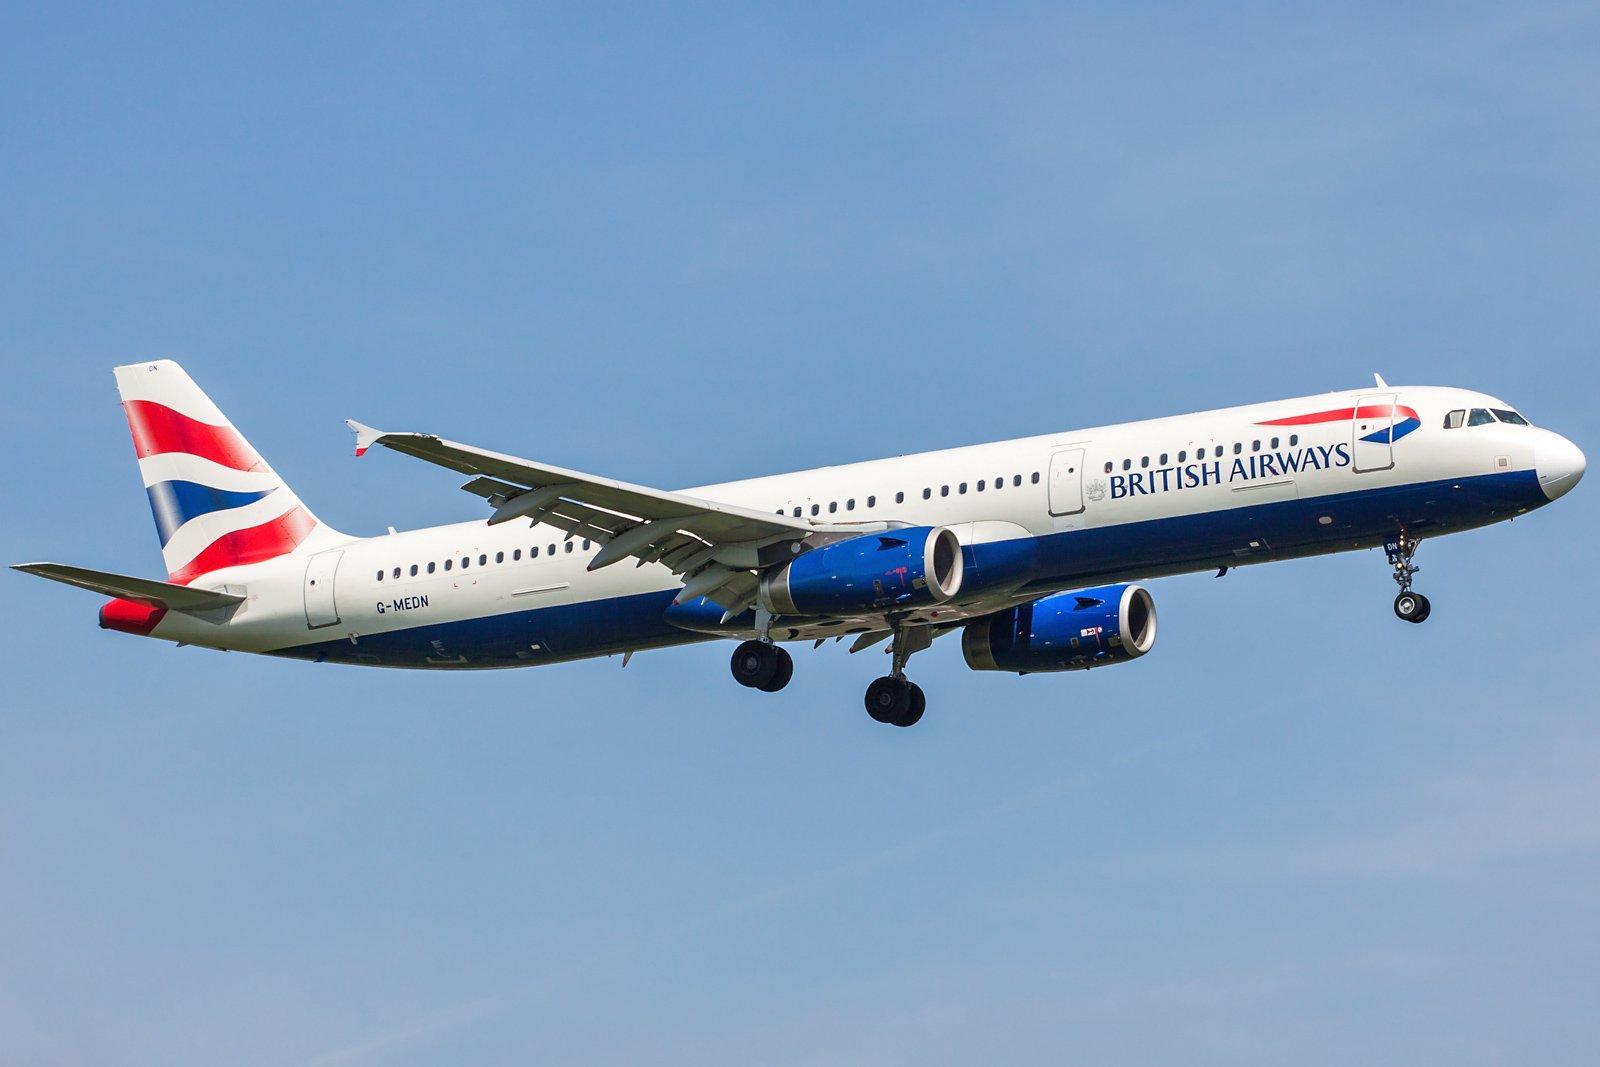 British Airways Airbus A321-231 G-MEDN